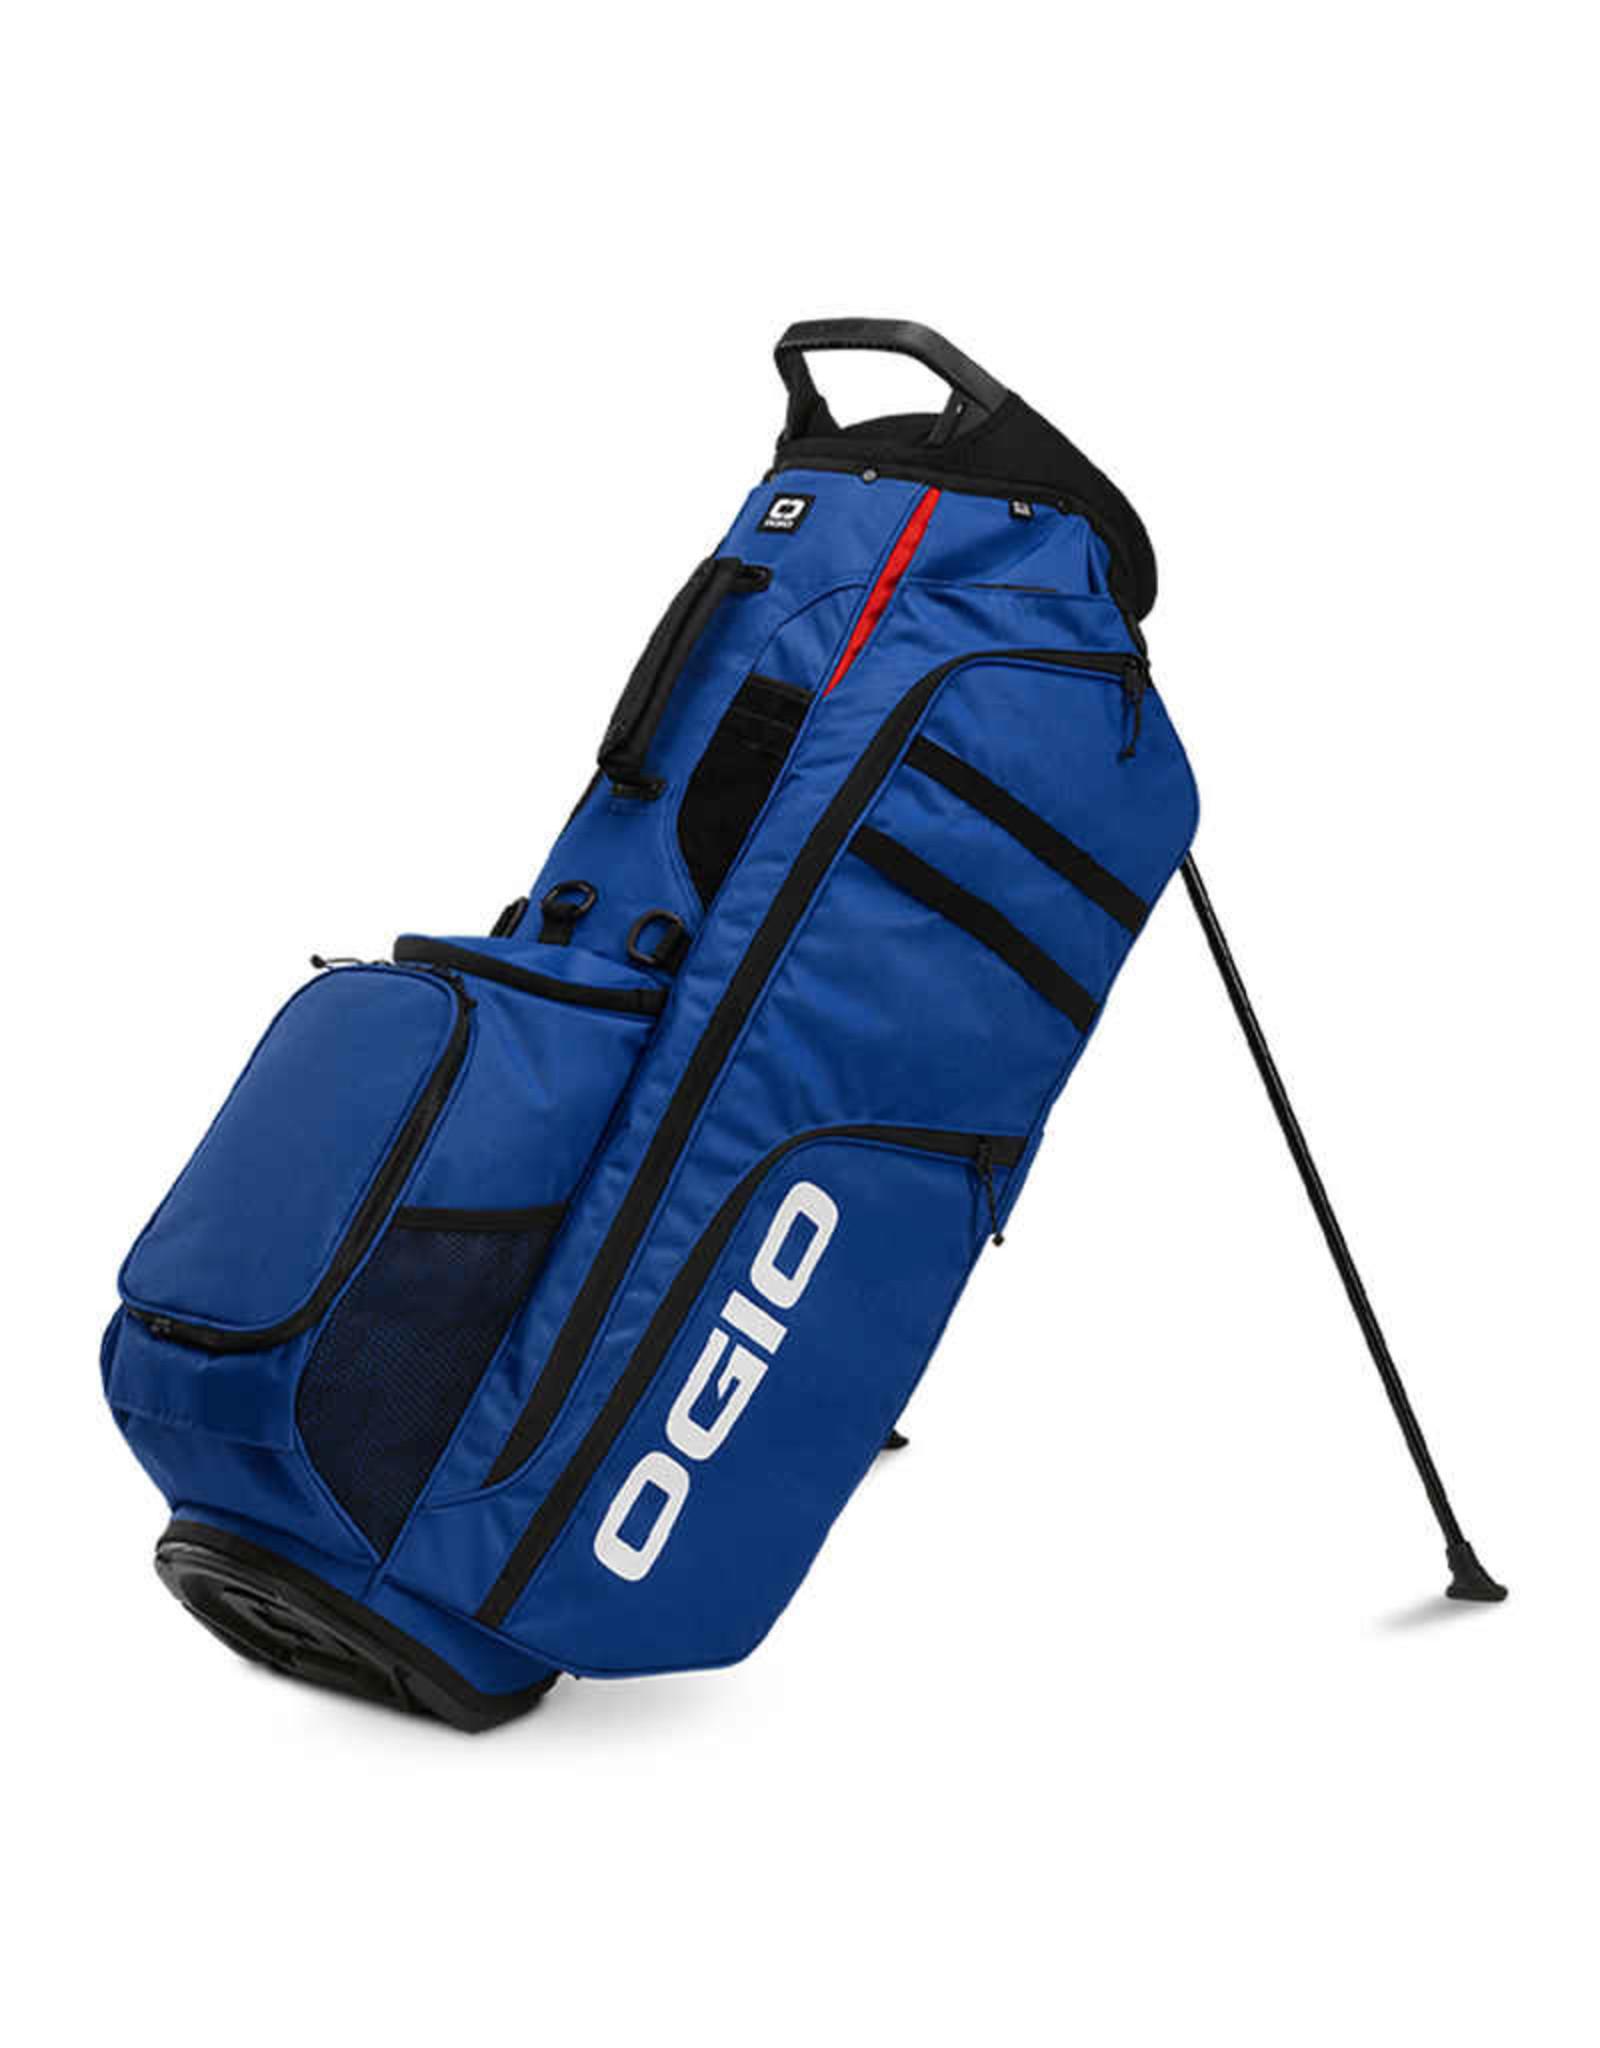 Ogio Ogio Convoy SE Stand Bags